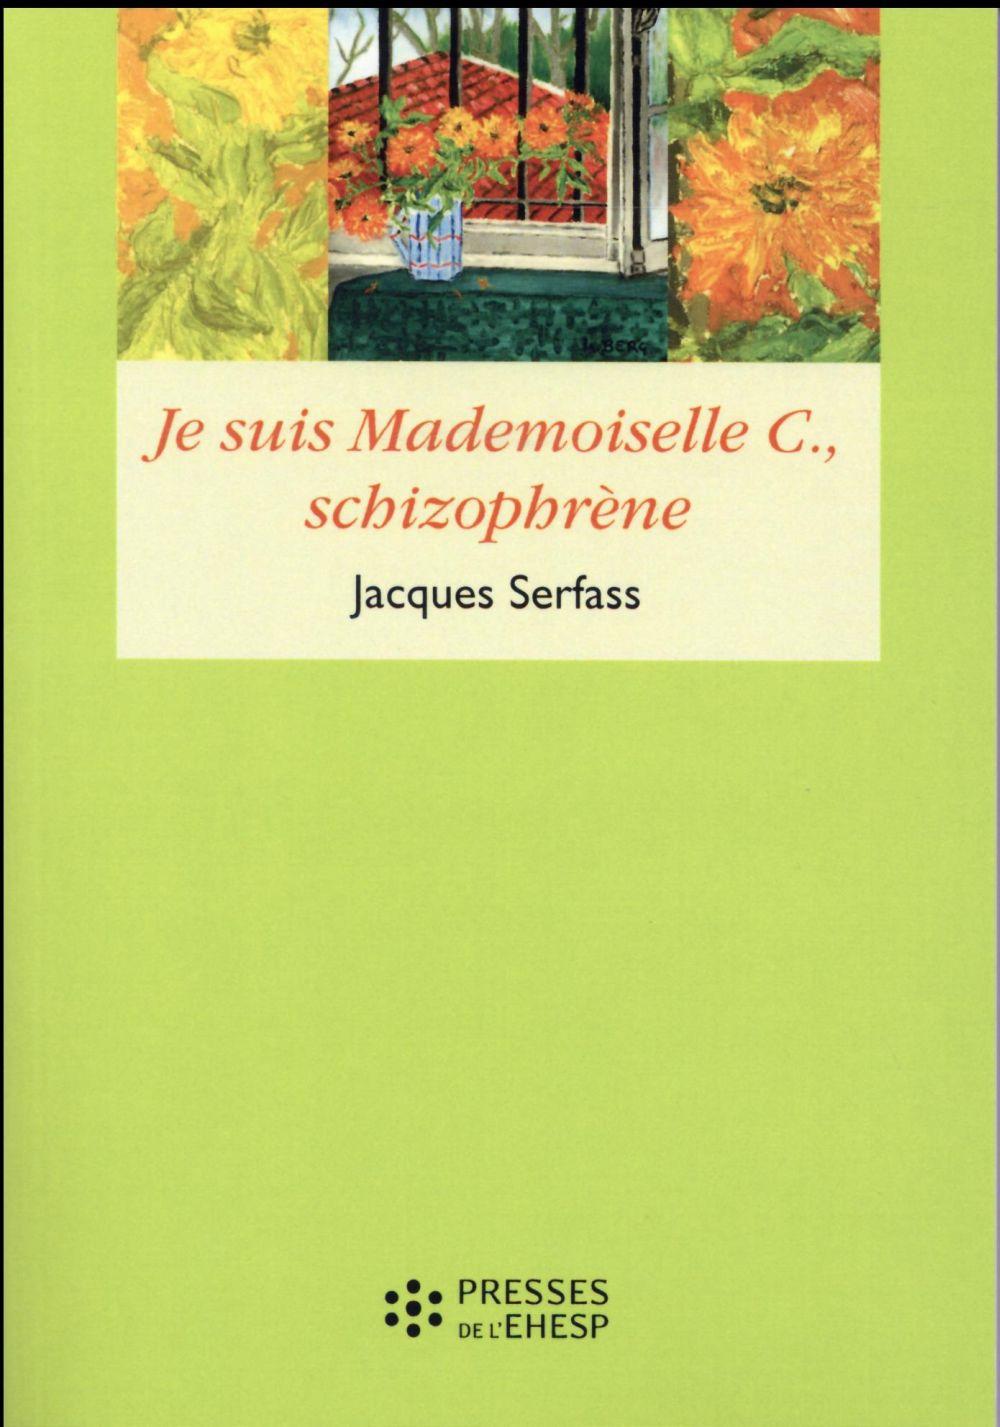 JE SUIS MADEMOISELLE C., SCHIZOPHRENE DOUBLE NARRATION THERAPEUTIQUE